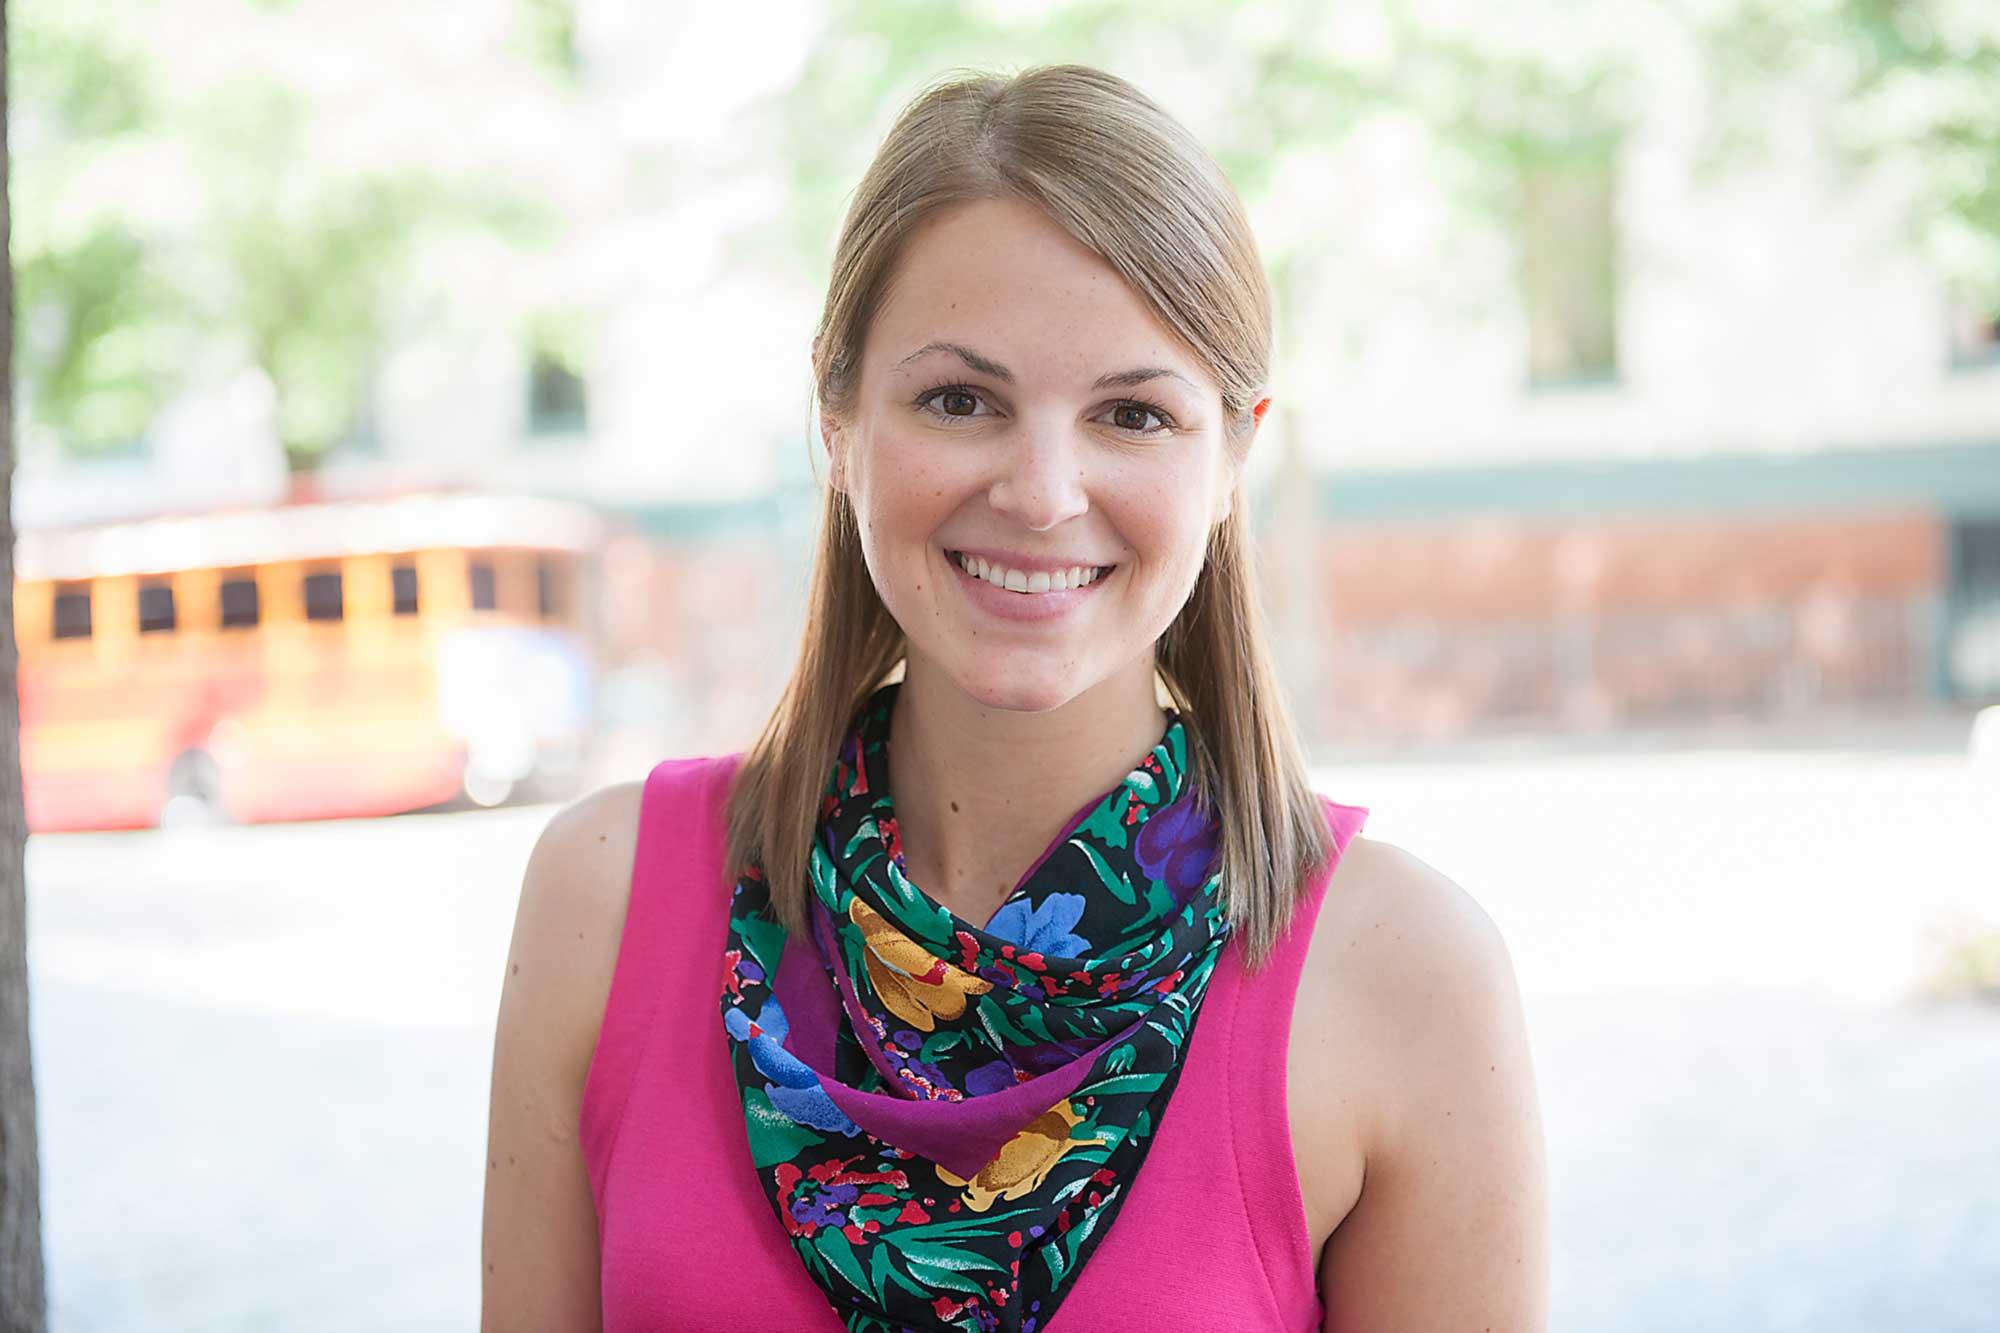 Sarah Prokopchak